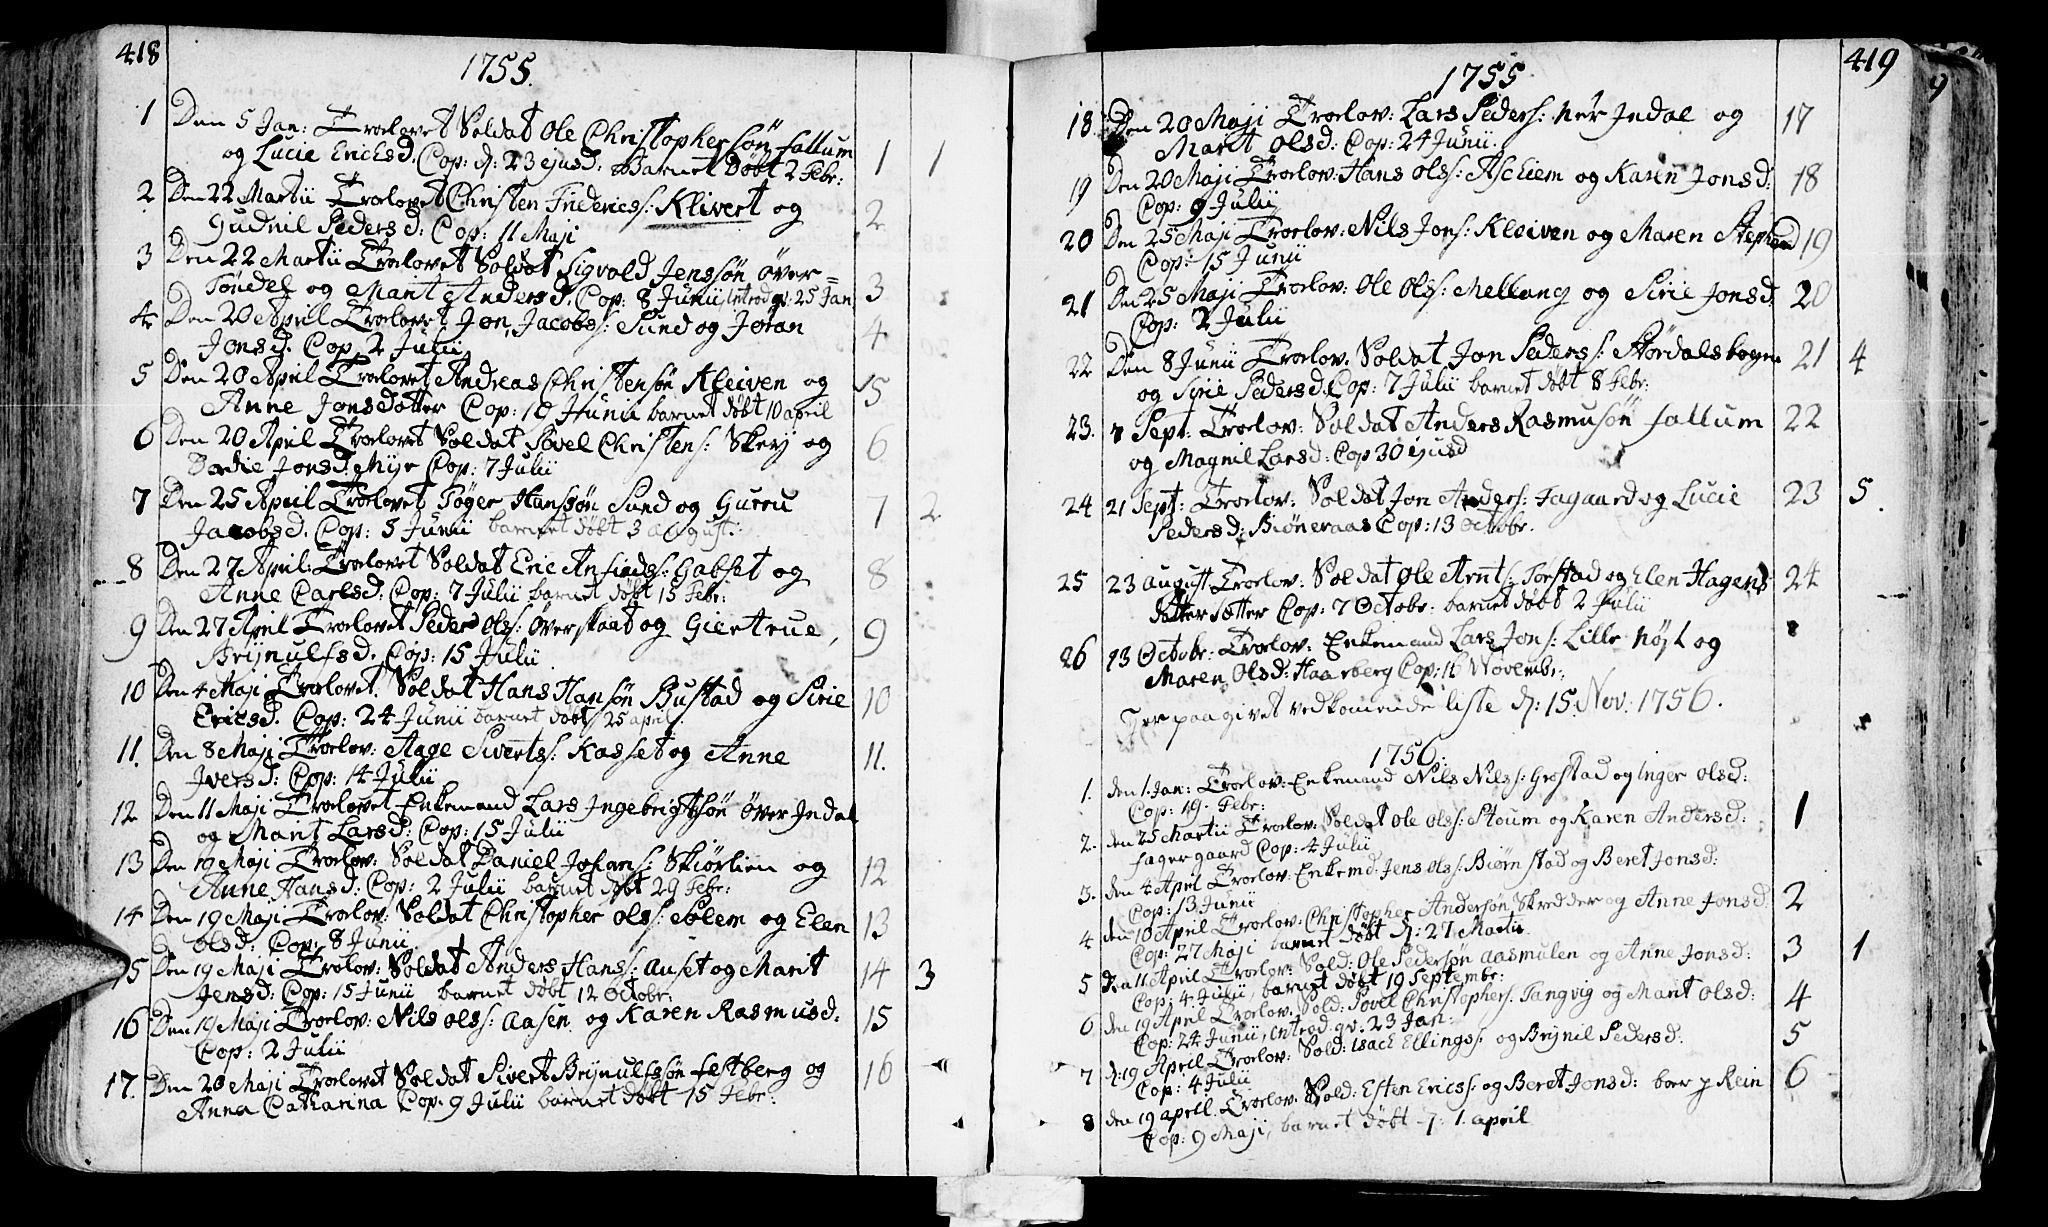 SAT, Ministerialprotokoller, klokkerbøker og fødselsregistre - Sør-Trøndelag, 646/L0605: Ministerialbok nr. 646A03, 1751-1790, s. 418-419